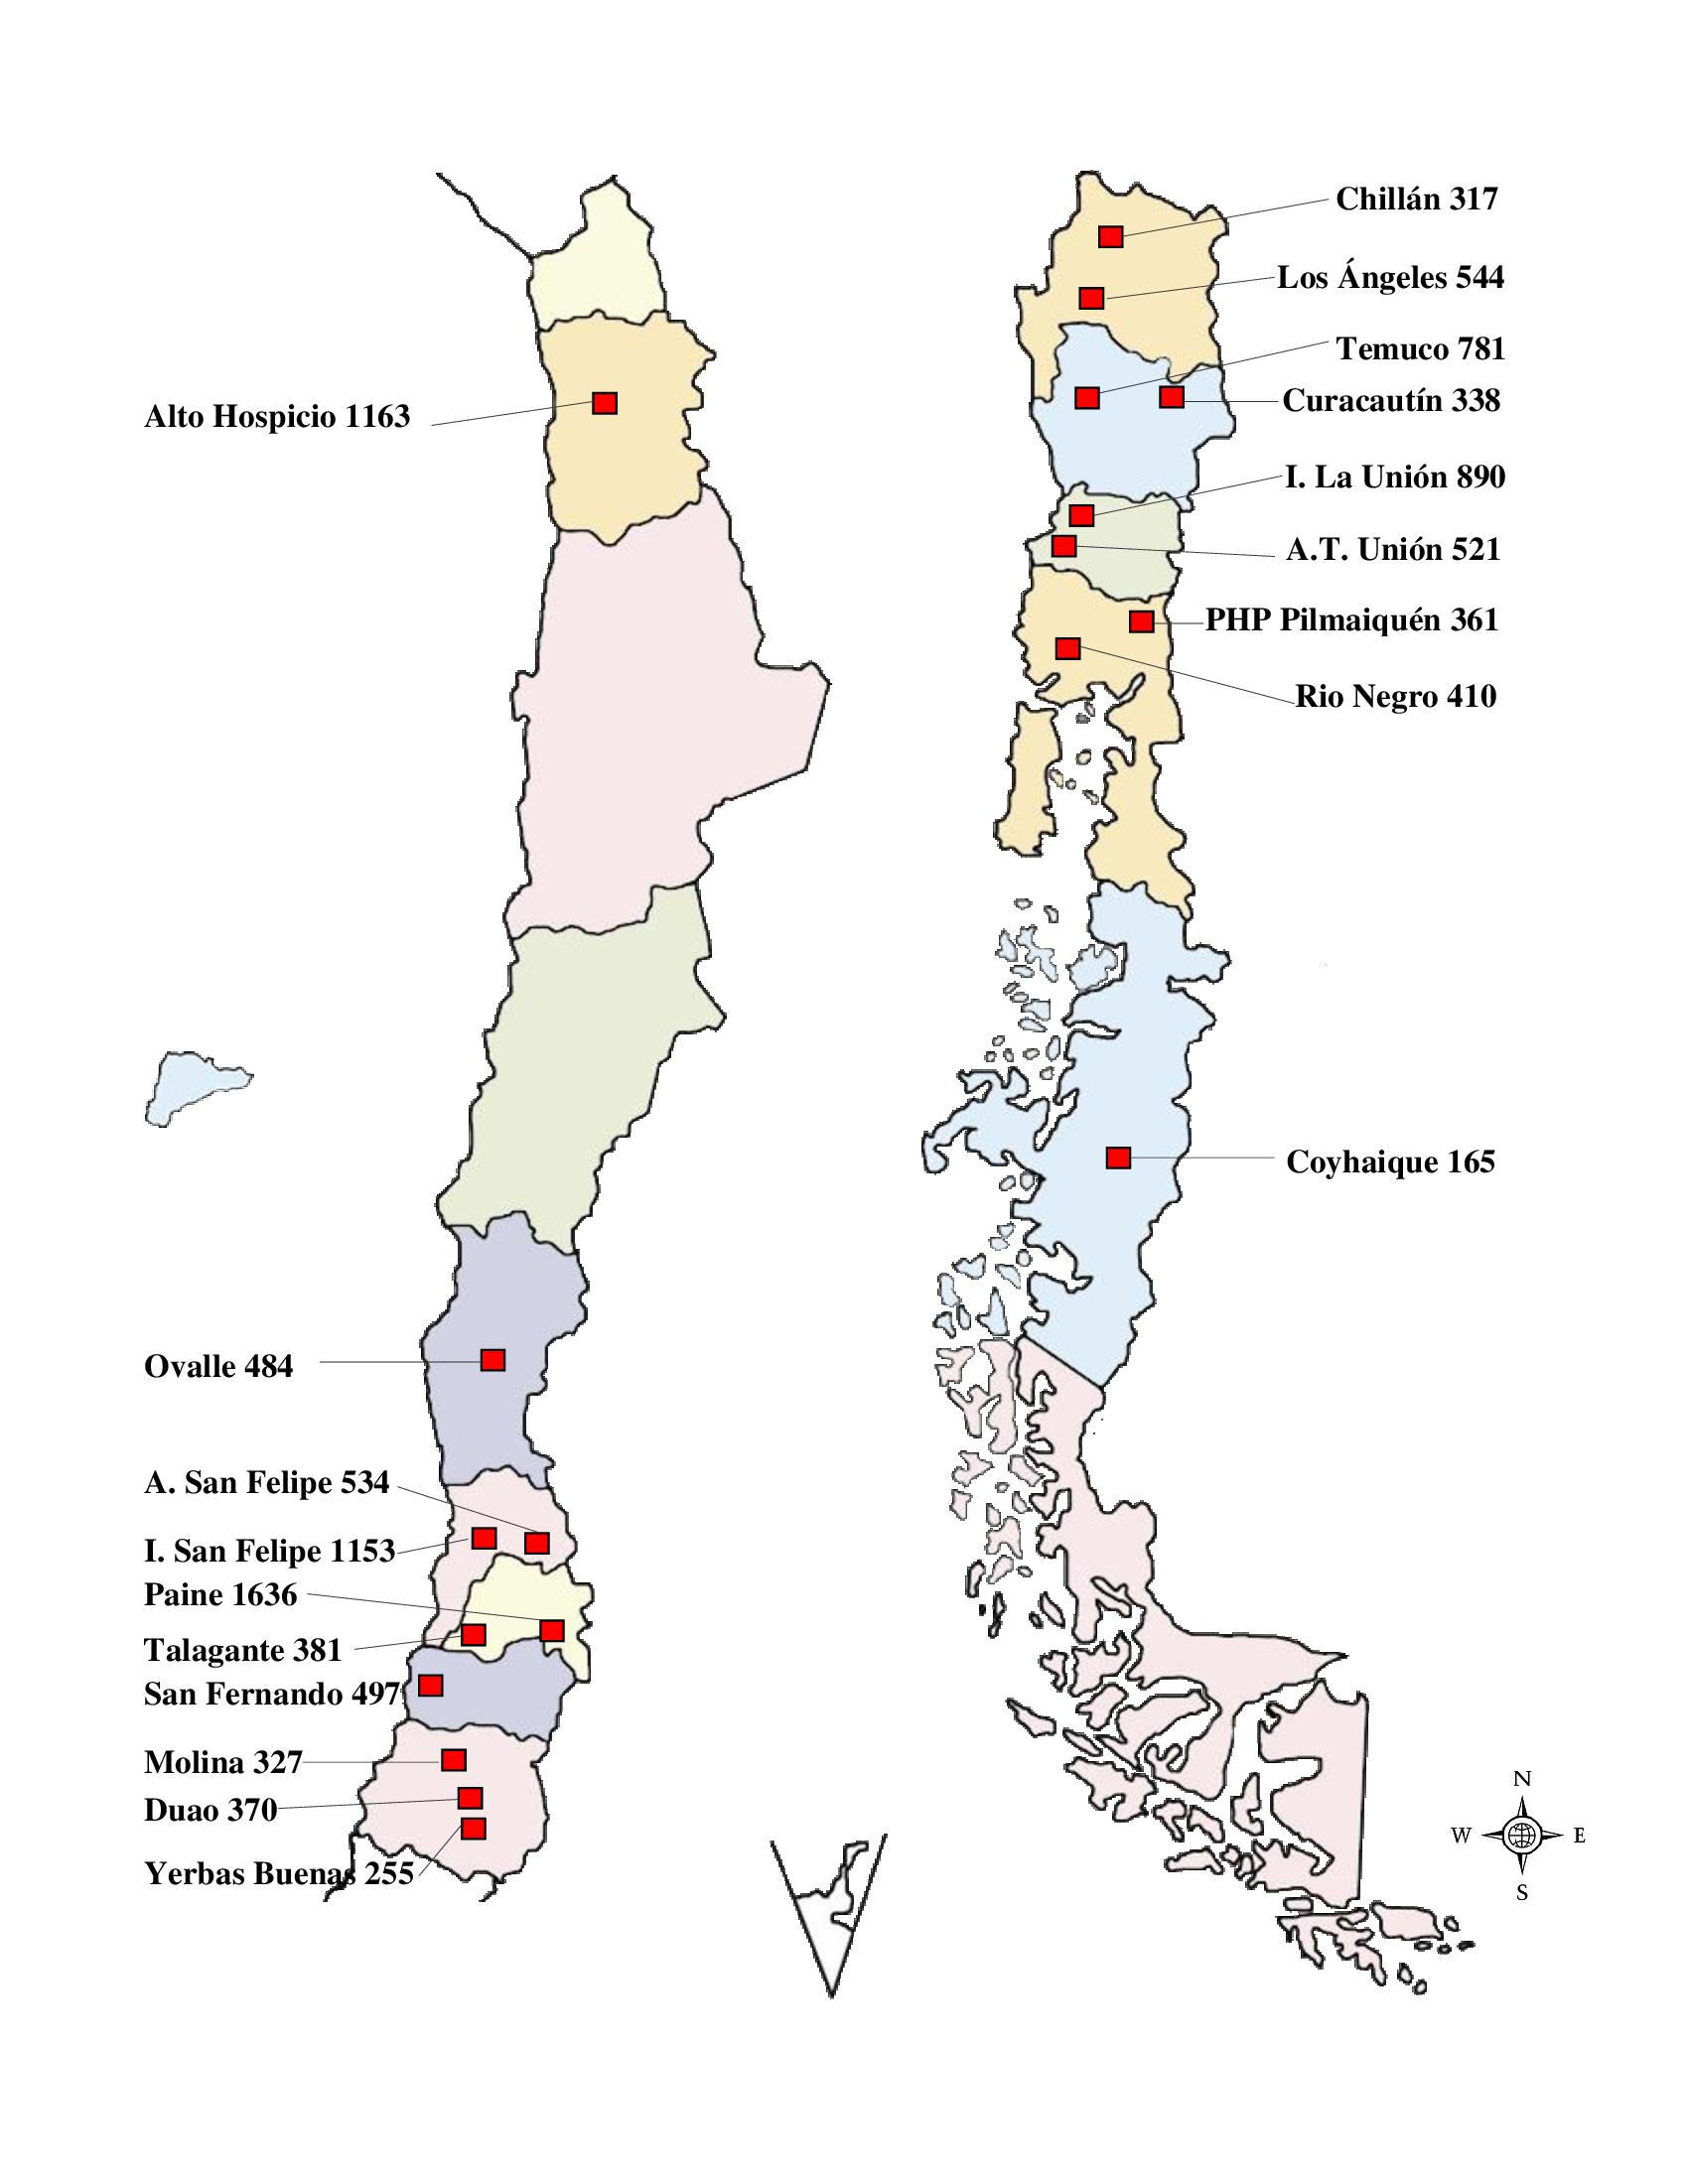 Mapa-SNA-Educa-matrícula-con-flechas-sin-Pica